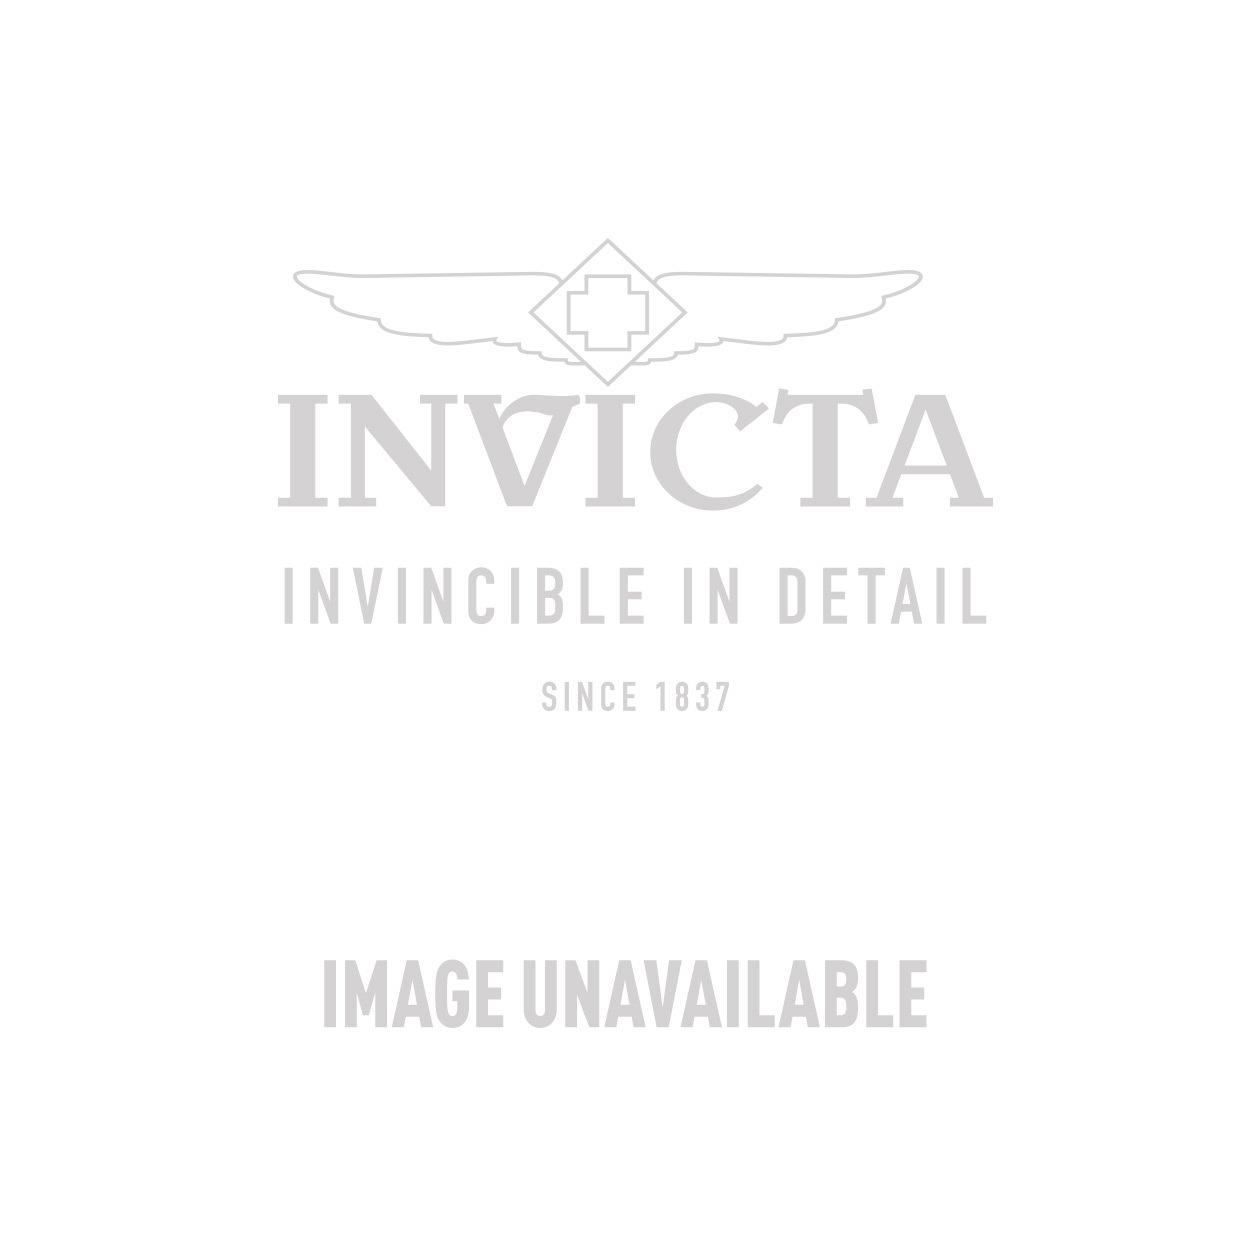 Invicta Model 27171